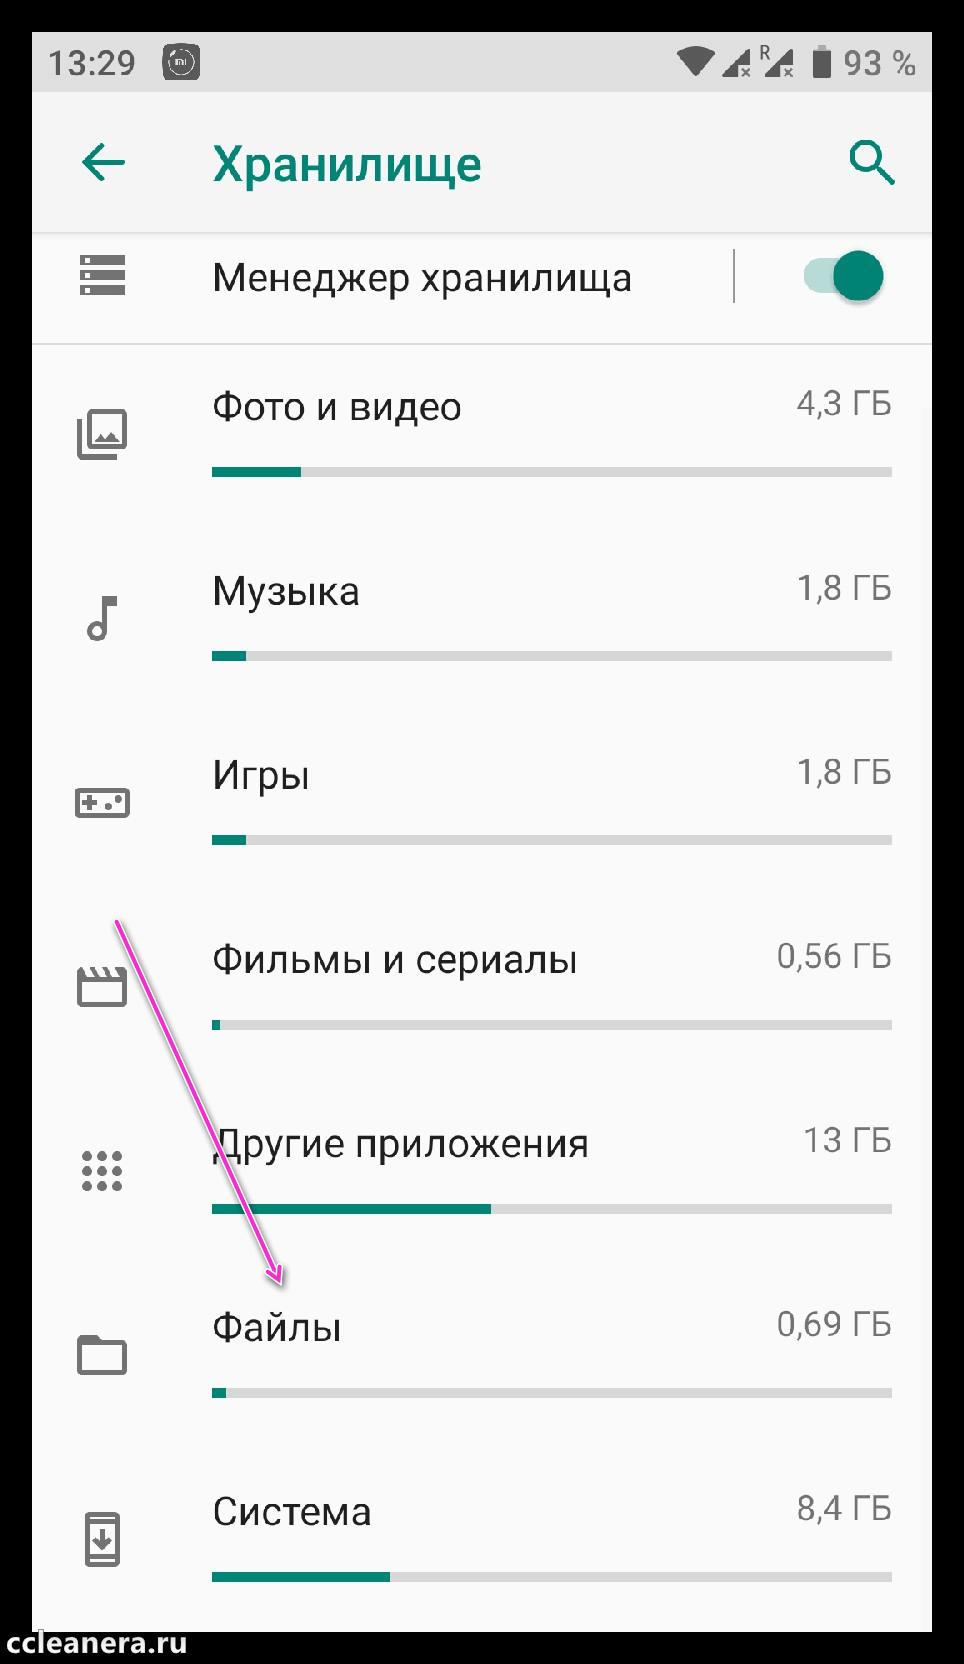 Файл в системе андроид